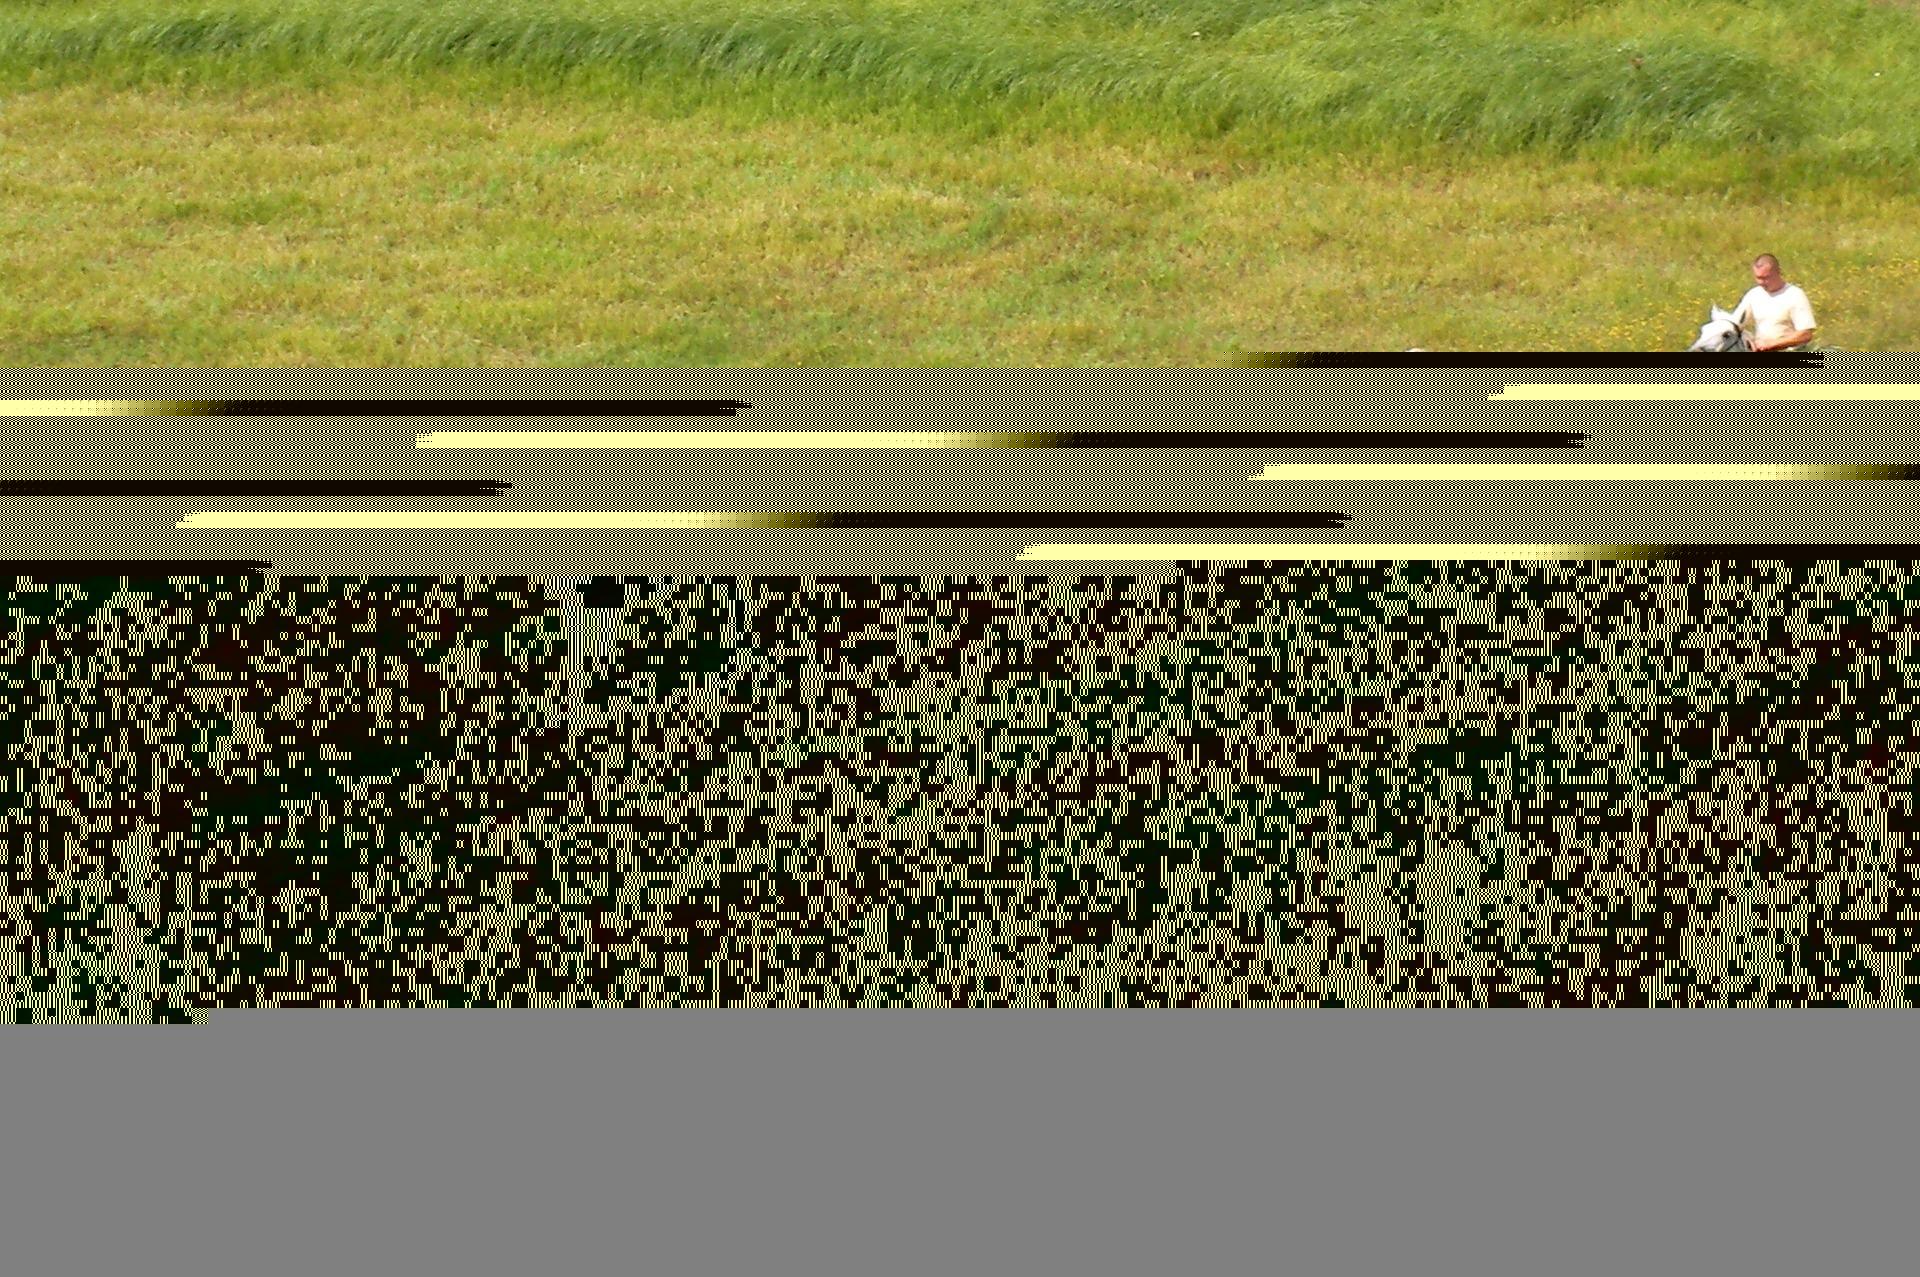 Ihmiset hevosille